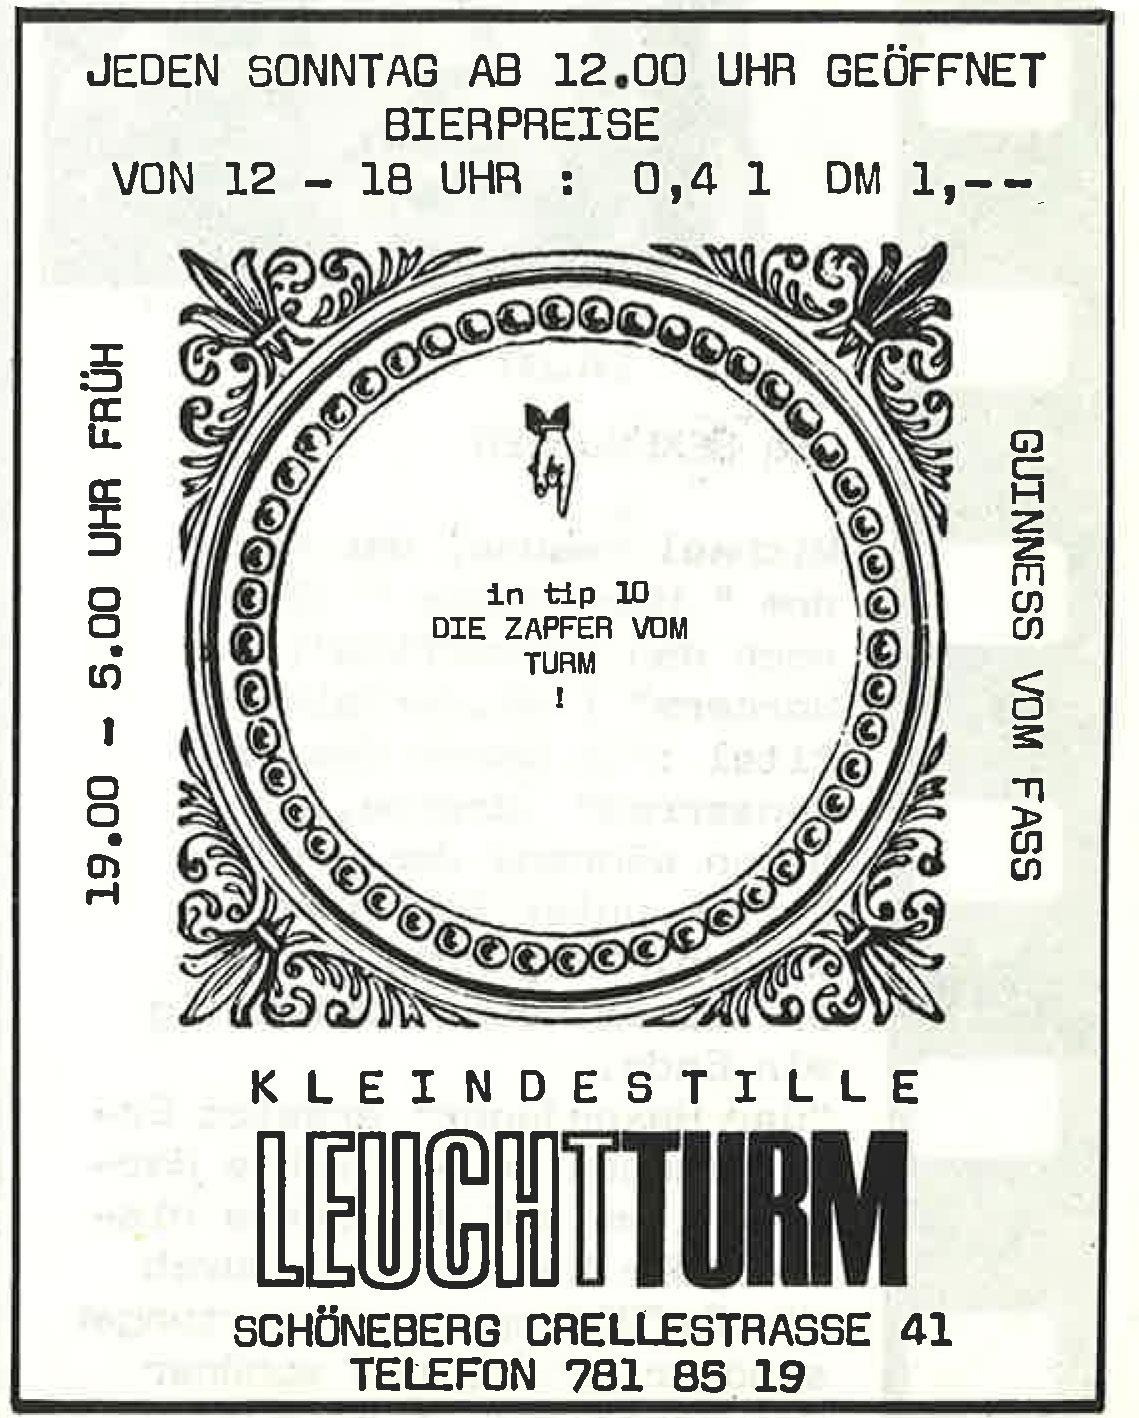 Alte Werbeanzeige der Berliner Kneipe Leuchtturm. Foto: Archiv tipBerlin